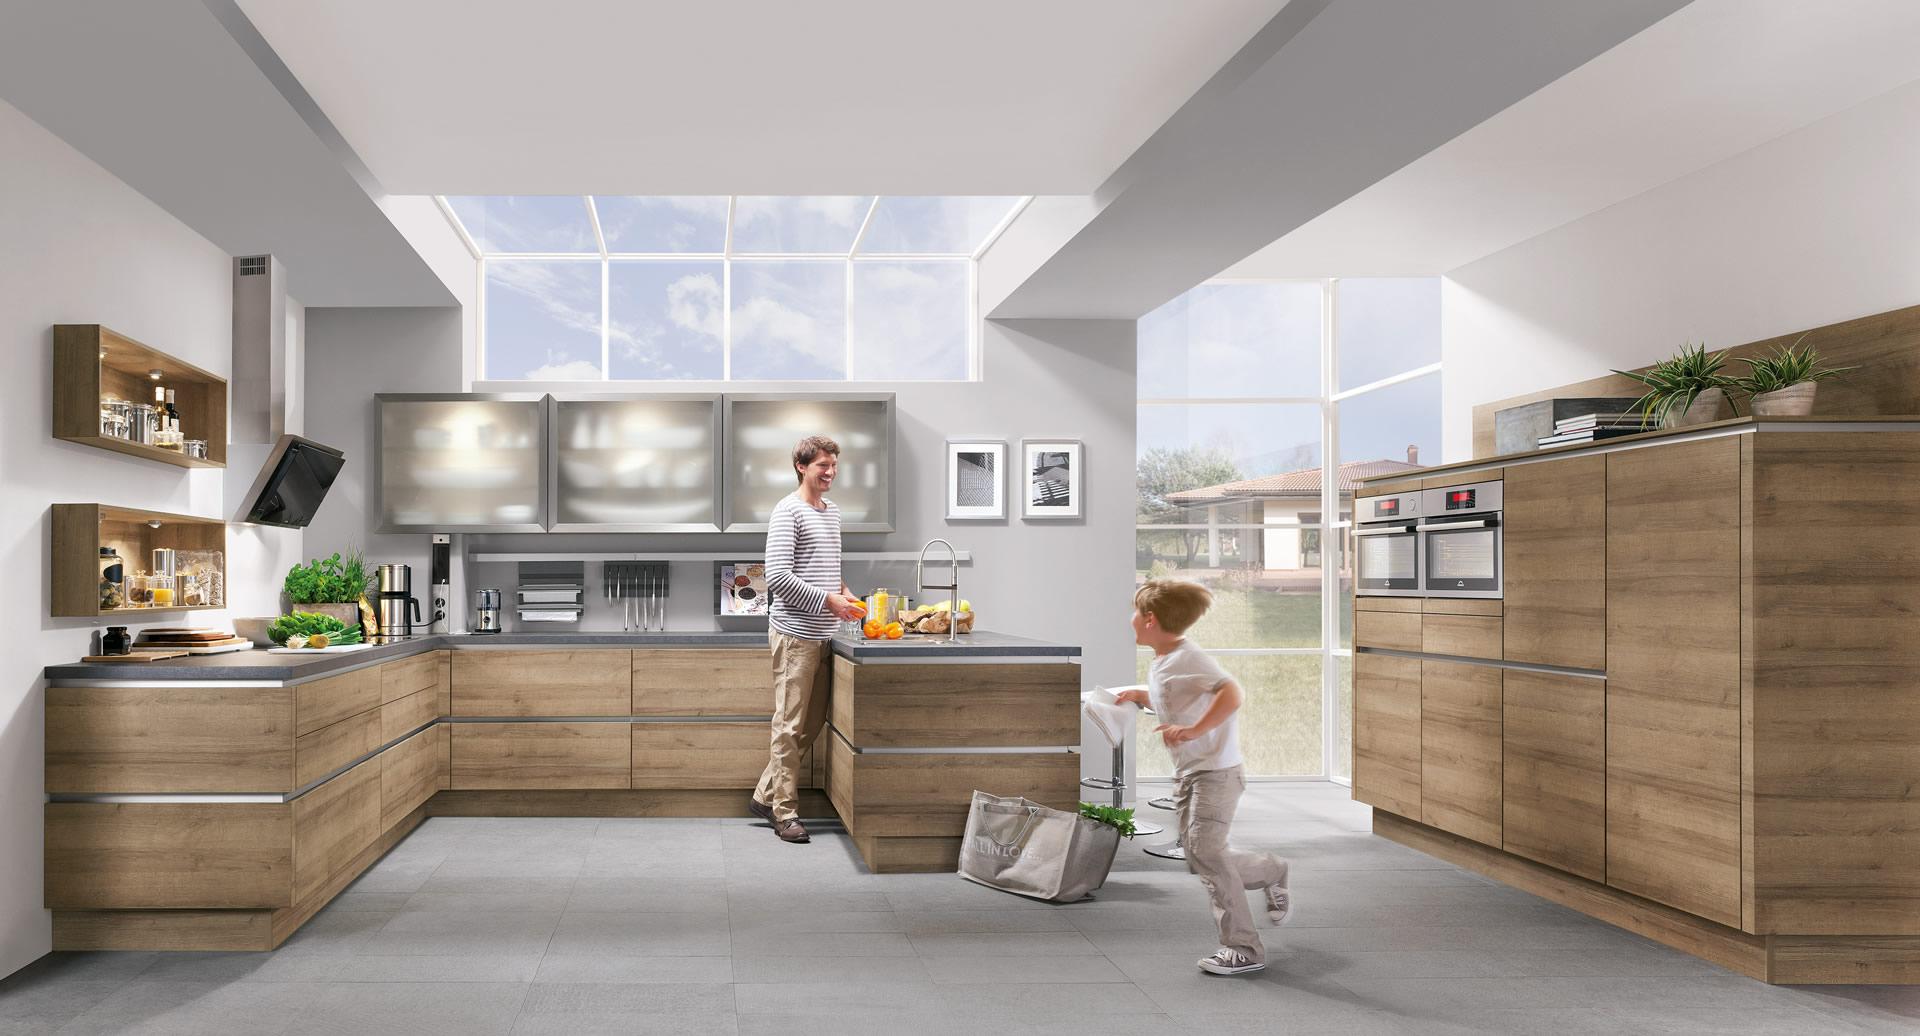 Full Size of Einbauküche Nobilia Lux Einbauküche Nobilia Preis Einbauküche Von Nobilia Einbauküche Nobilia Speed Küche Einbauküche Nobilia